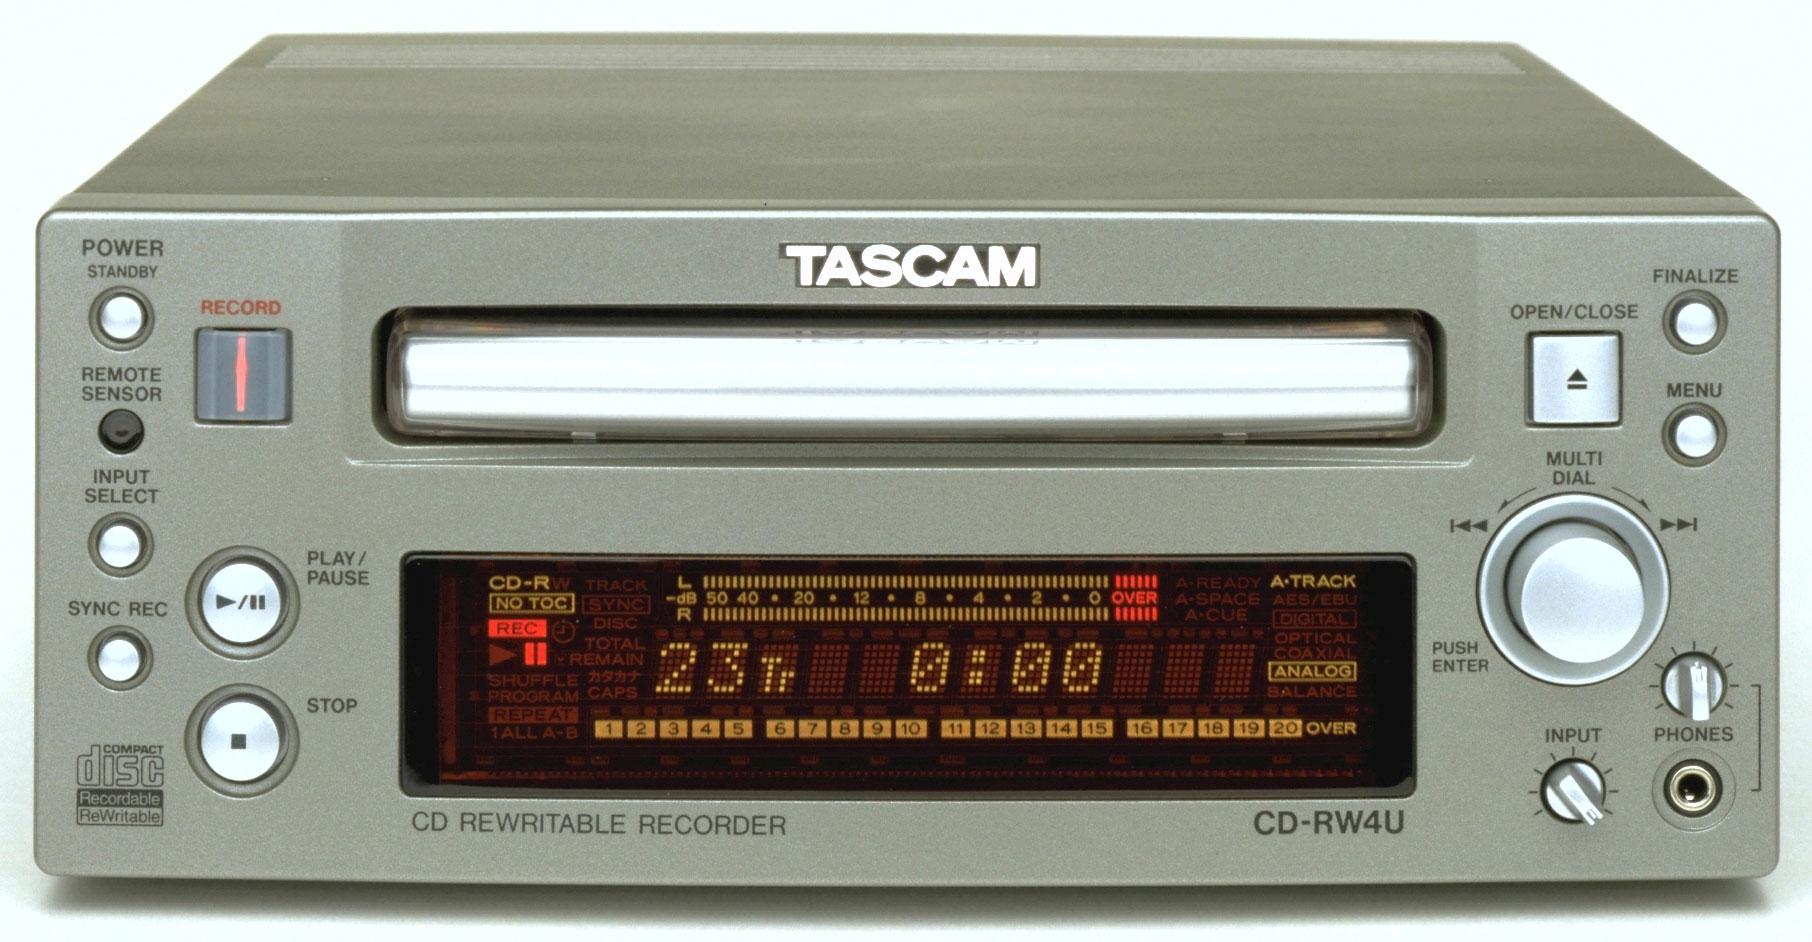 CD-RW4U | FEATURES | TASCAM - United States